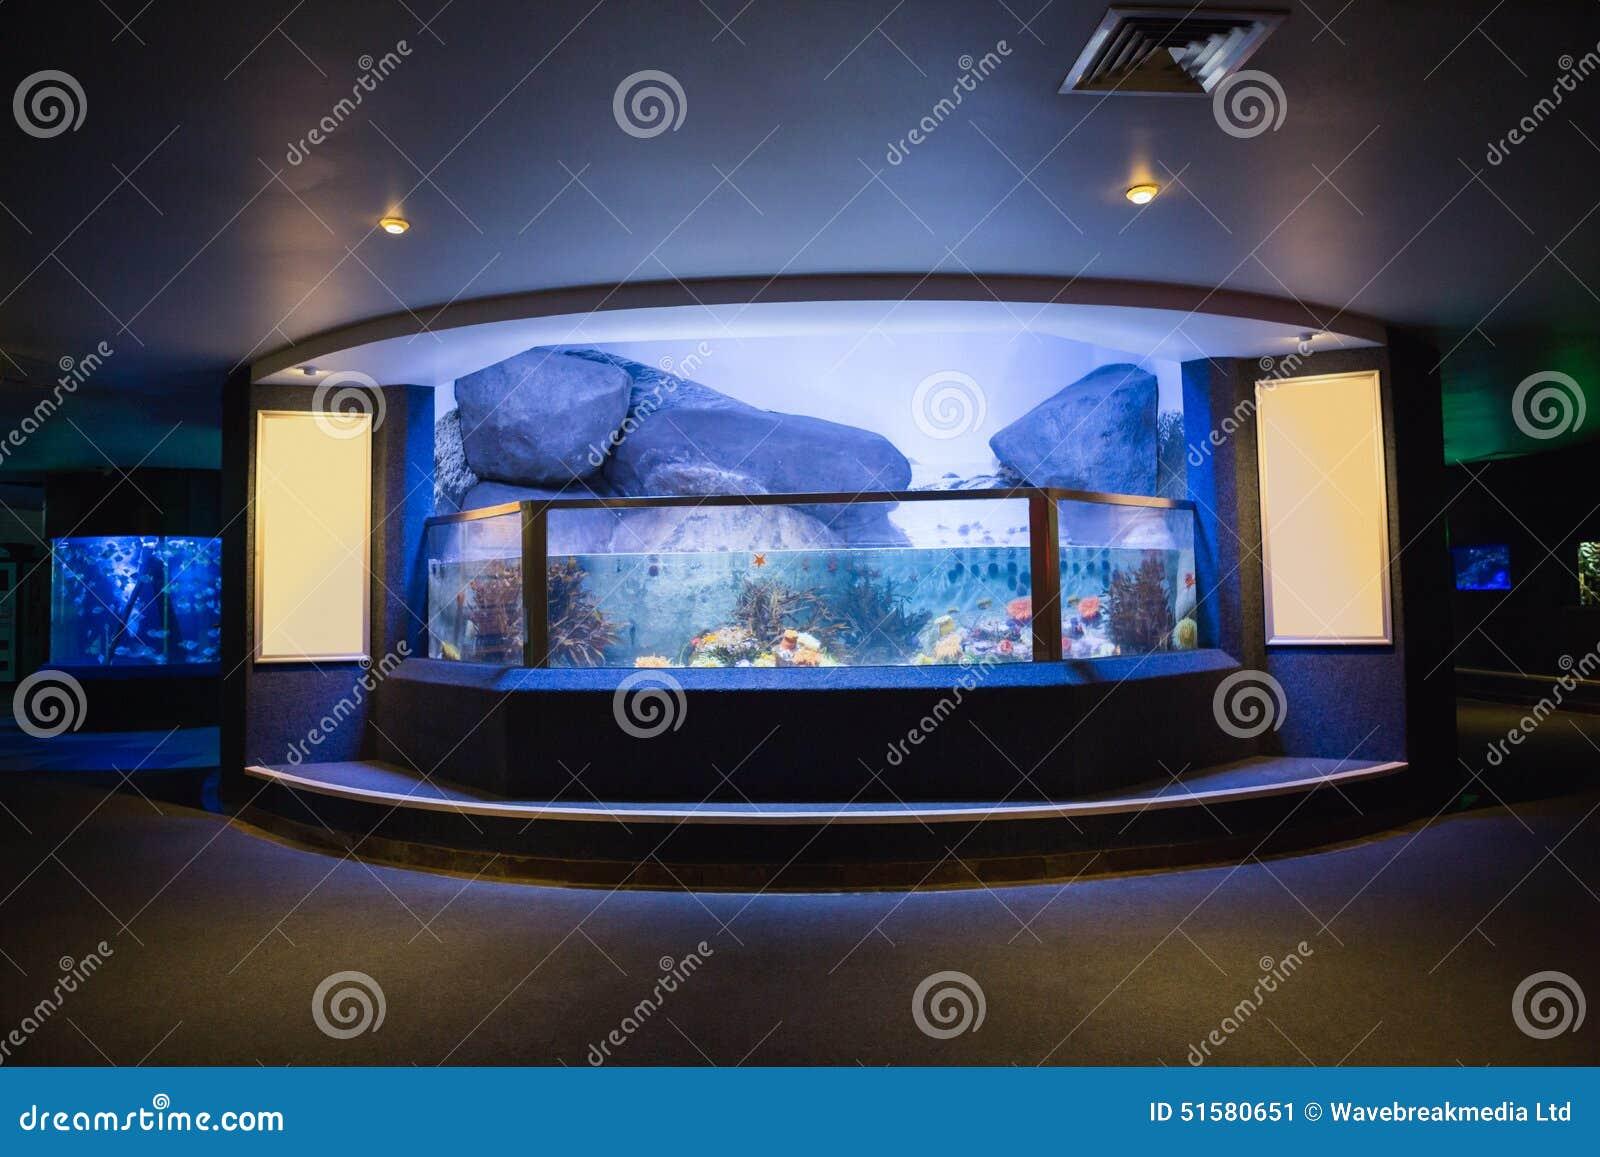 Lit Up Fish Tank Stock Image Image Of Biology Aquarium 51580651